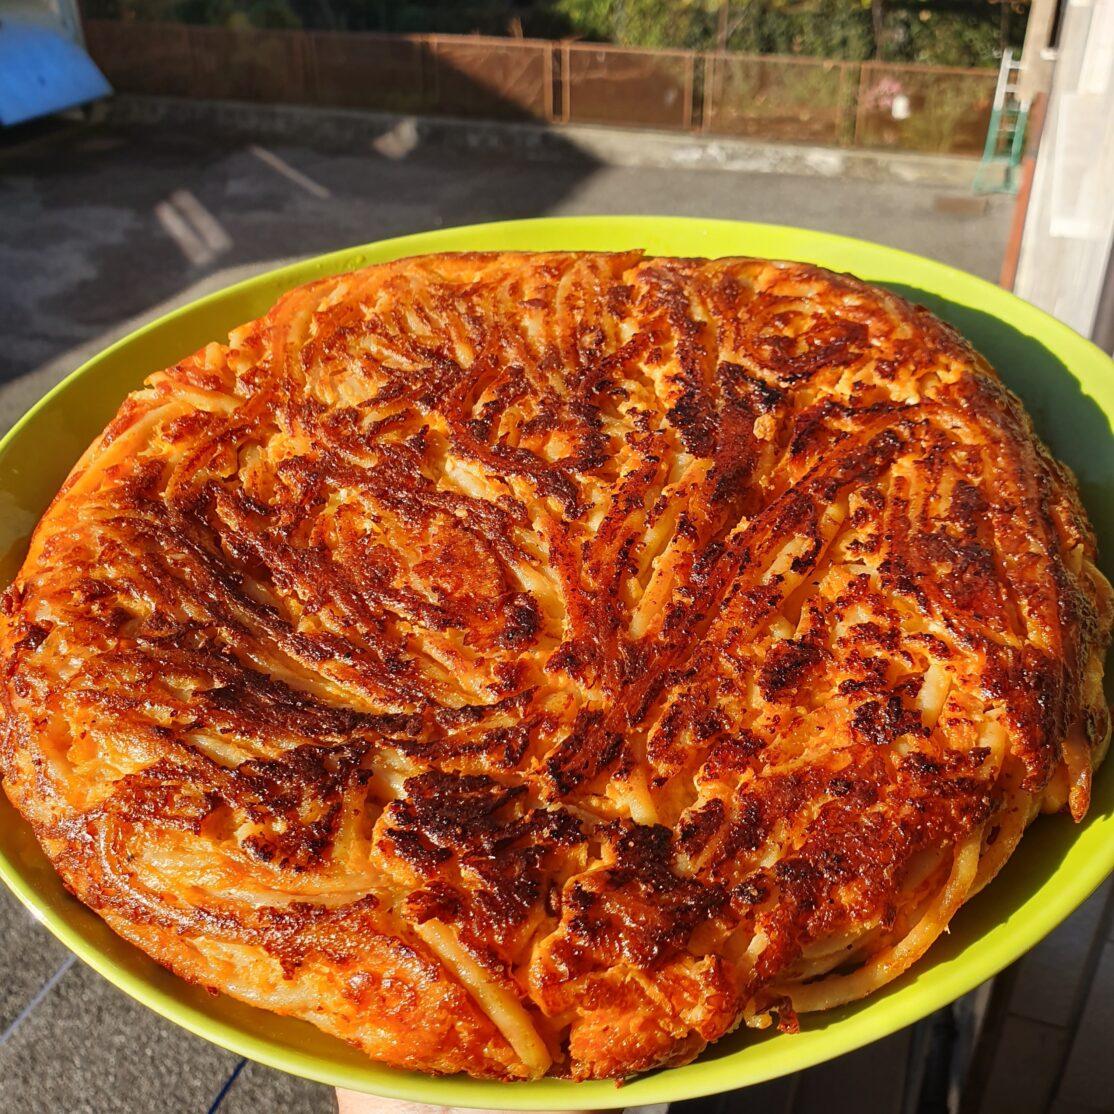 Ricetta frittata di maccheroni pasta armando annino ruocco piatti tipici2